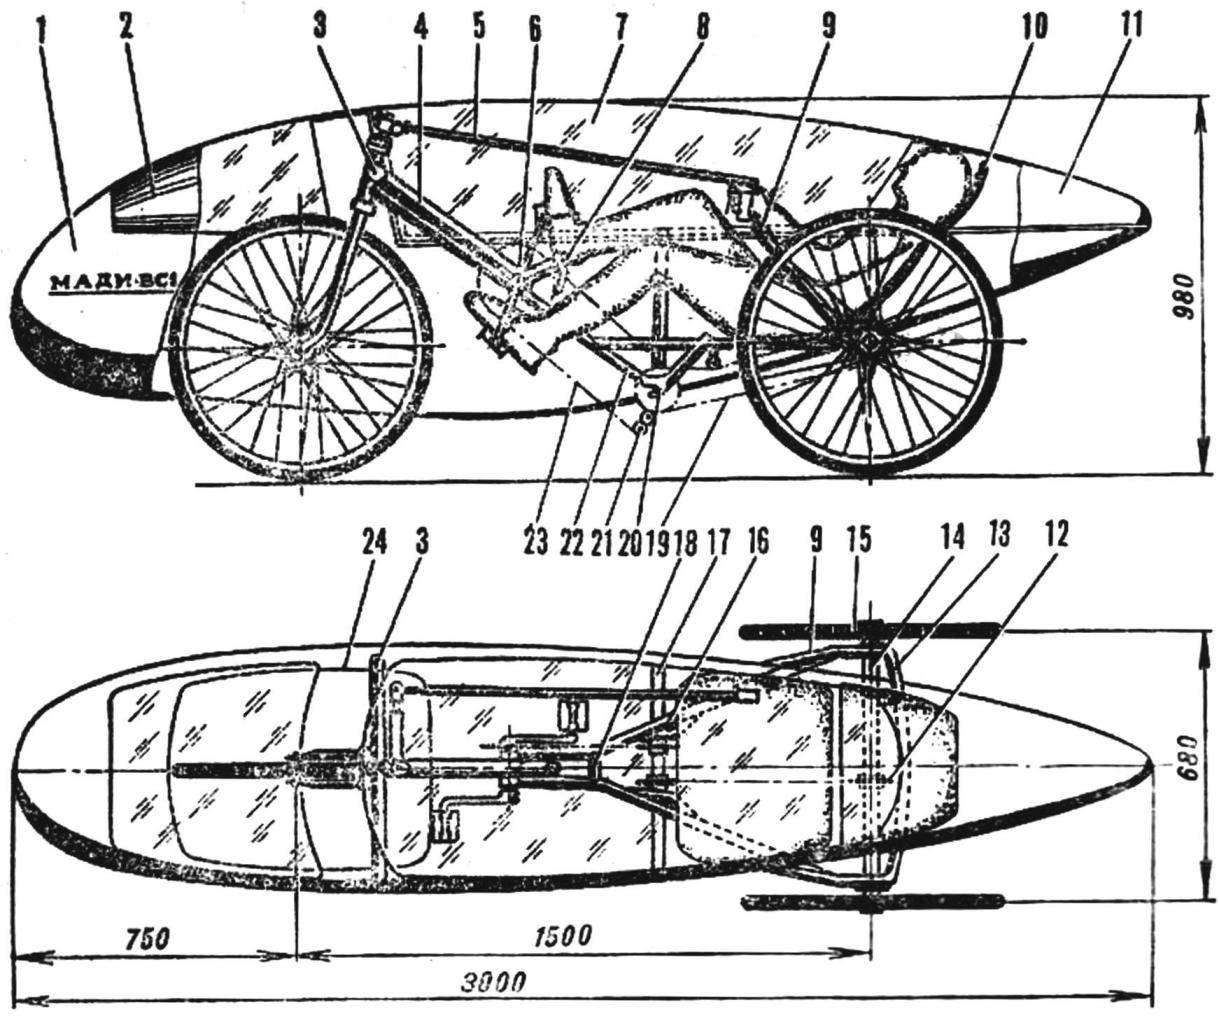 Рис. 1. Компоновка веломобиля (тормозной механизм на переднем колесе не показан)